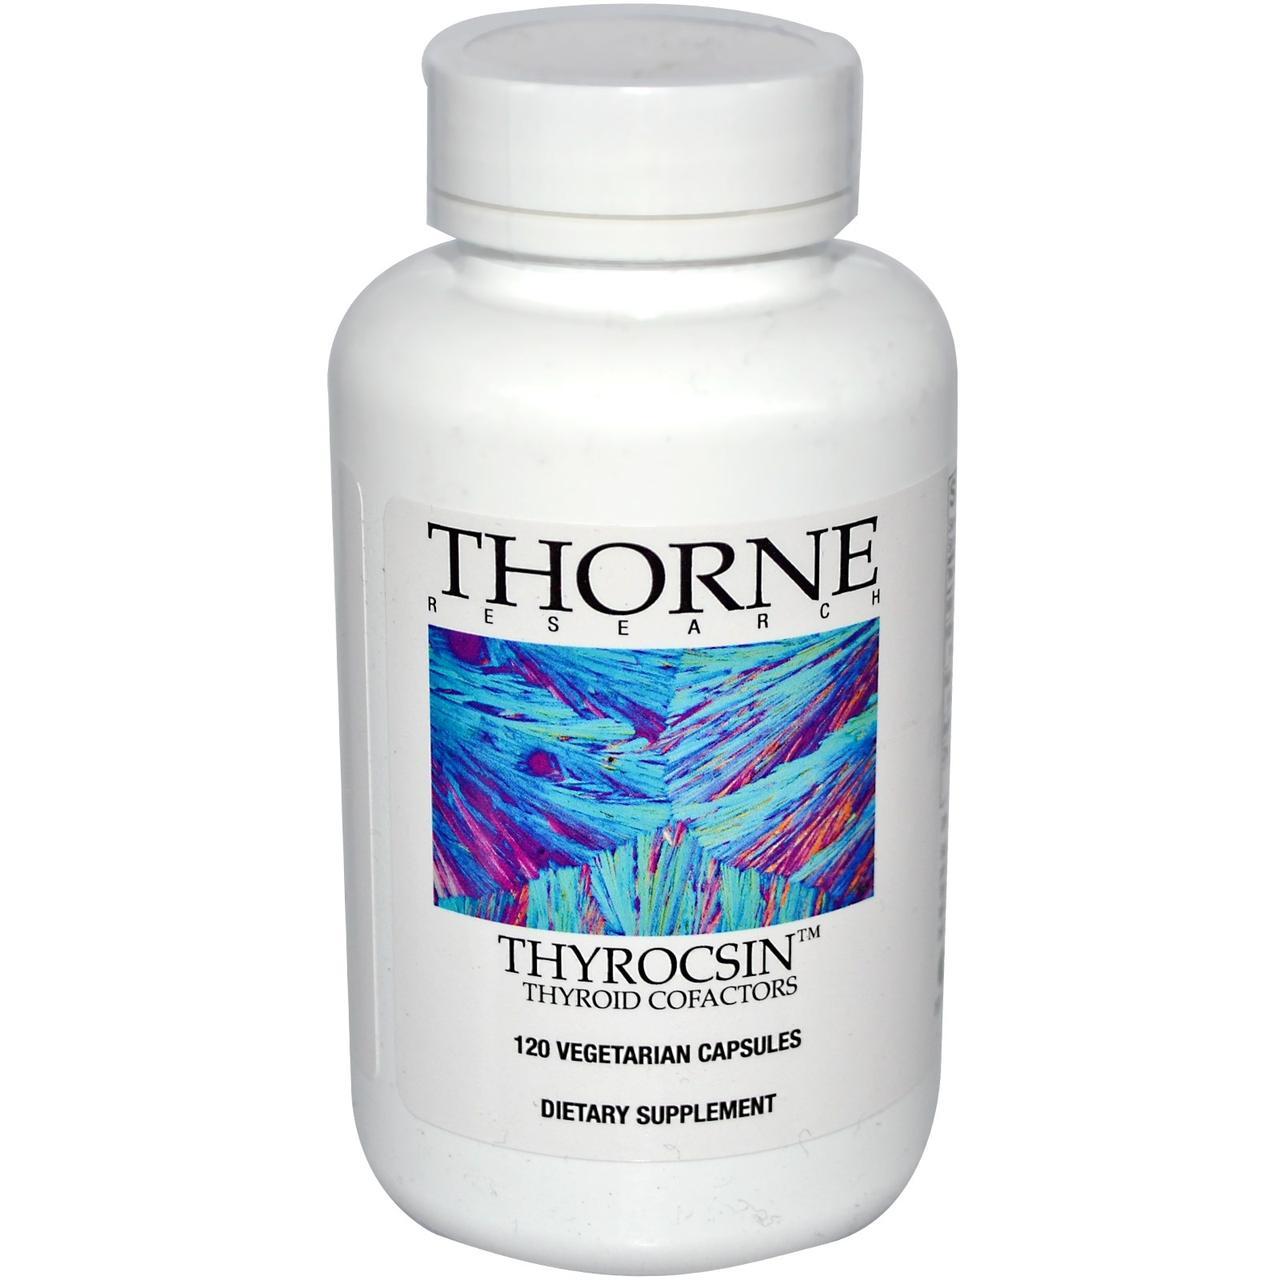 Thorne Research, Thyrocsin, Кофакторы щитовидной железы, 120 капсул в растительной оболочке - ⭐FREELIFE⭐ интернет-магазин натуральных препаратов для здоровья №➀ в Украине в Киеве